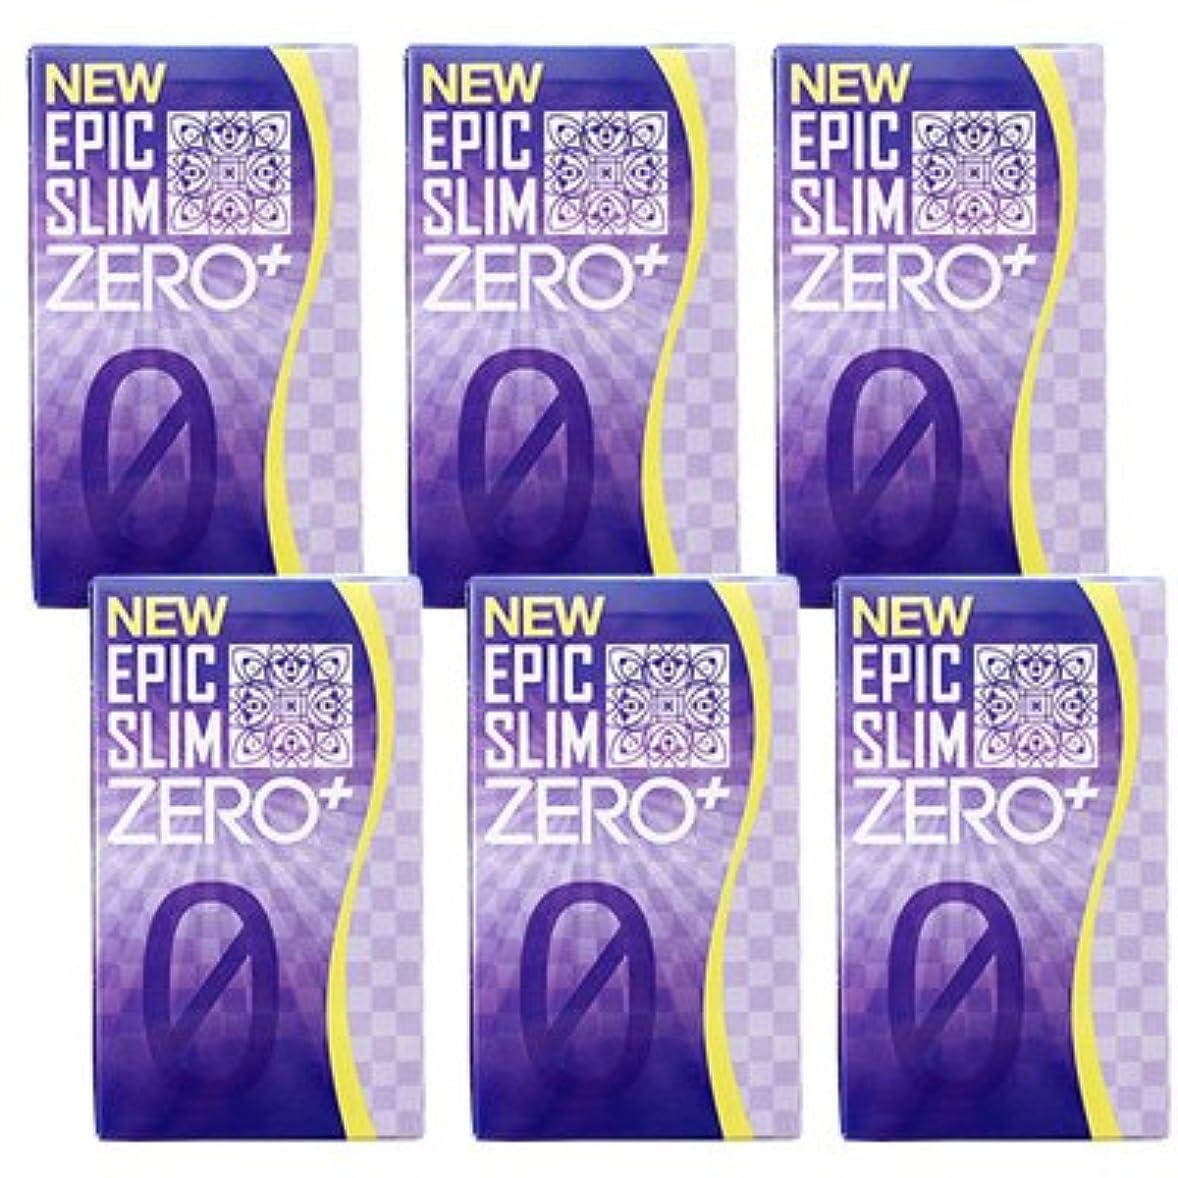 繰り返した軍隊説明するNEW エピックスリム ゼロ+ 6個セット NEW Epic Slim ZERO PLUS